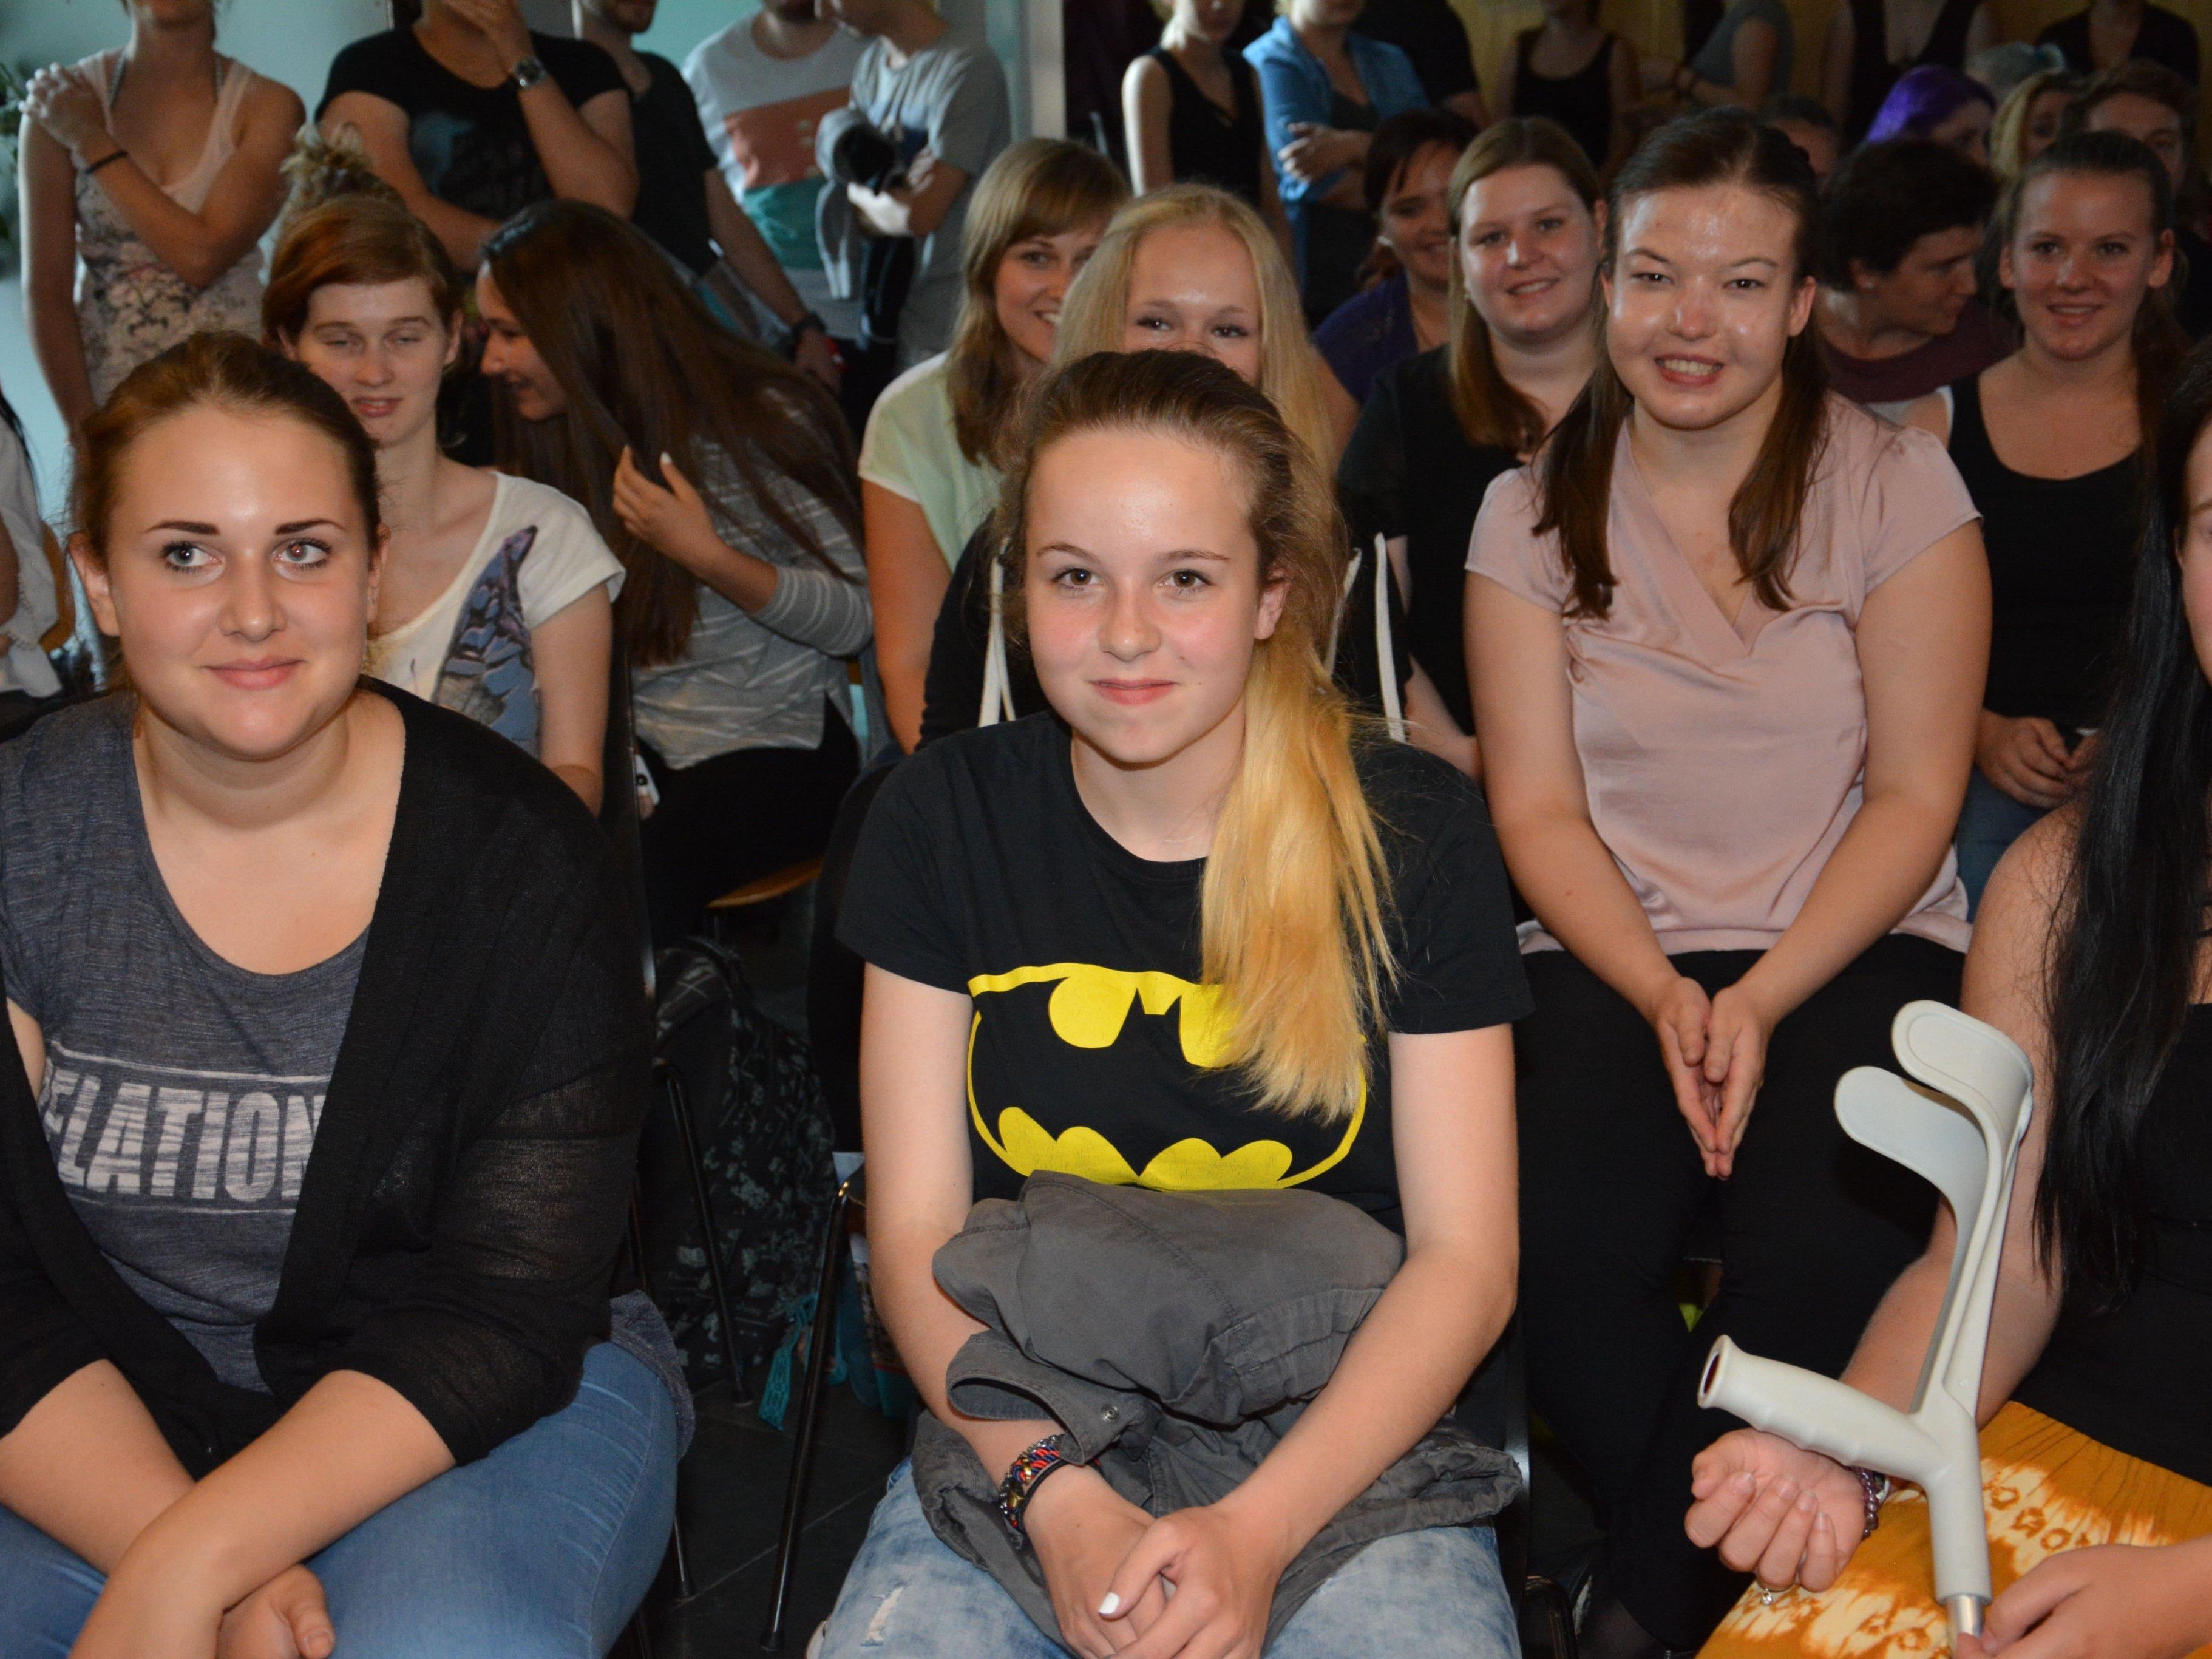 Schülerinnen der LBS Dornbirn 2 erfreut über den ersten Schultag, der mit einer Graffiti-Show begann.